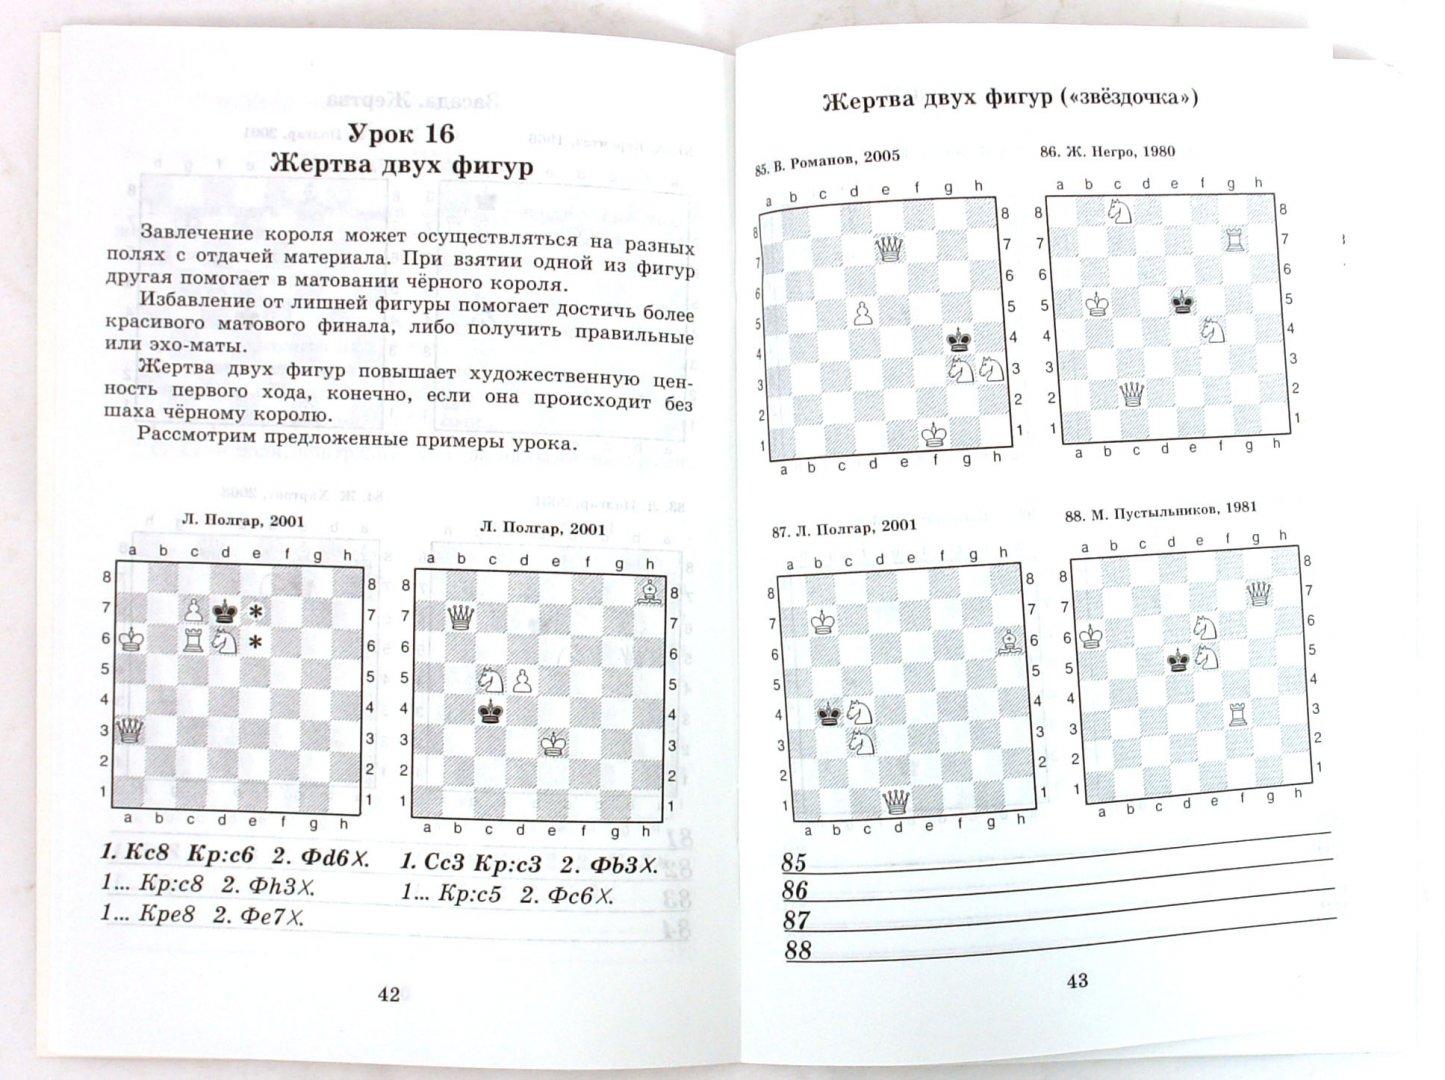 Иллюстрация 1 из 2 для Шахматные задачи: Мат в 2 хода. 6 фигур - Костров, Рожков | Лабиринт - книги. Источник: Лабиринт